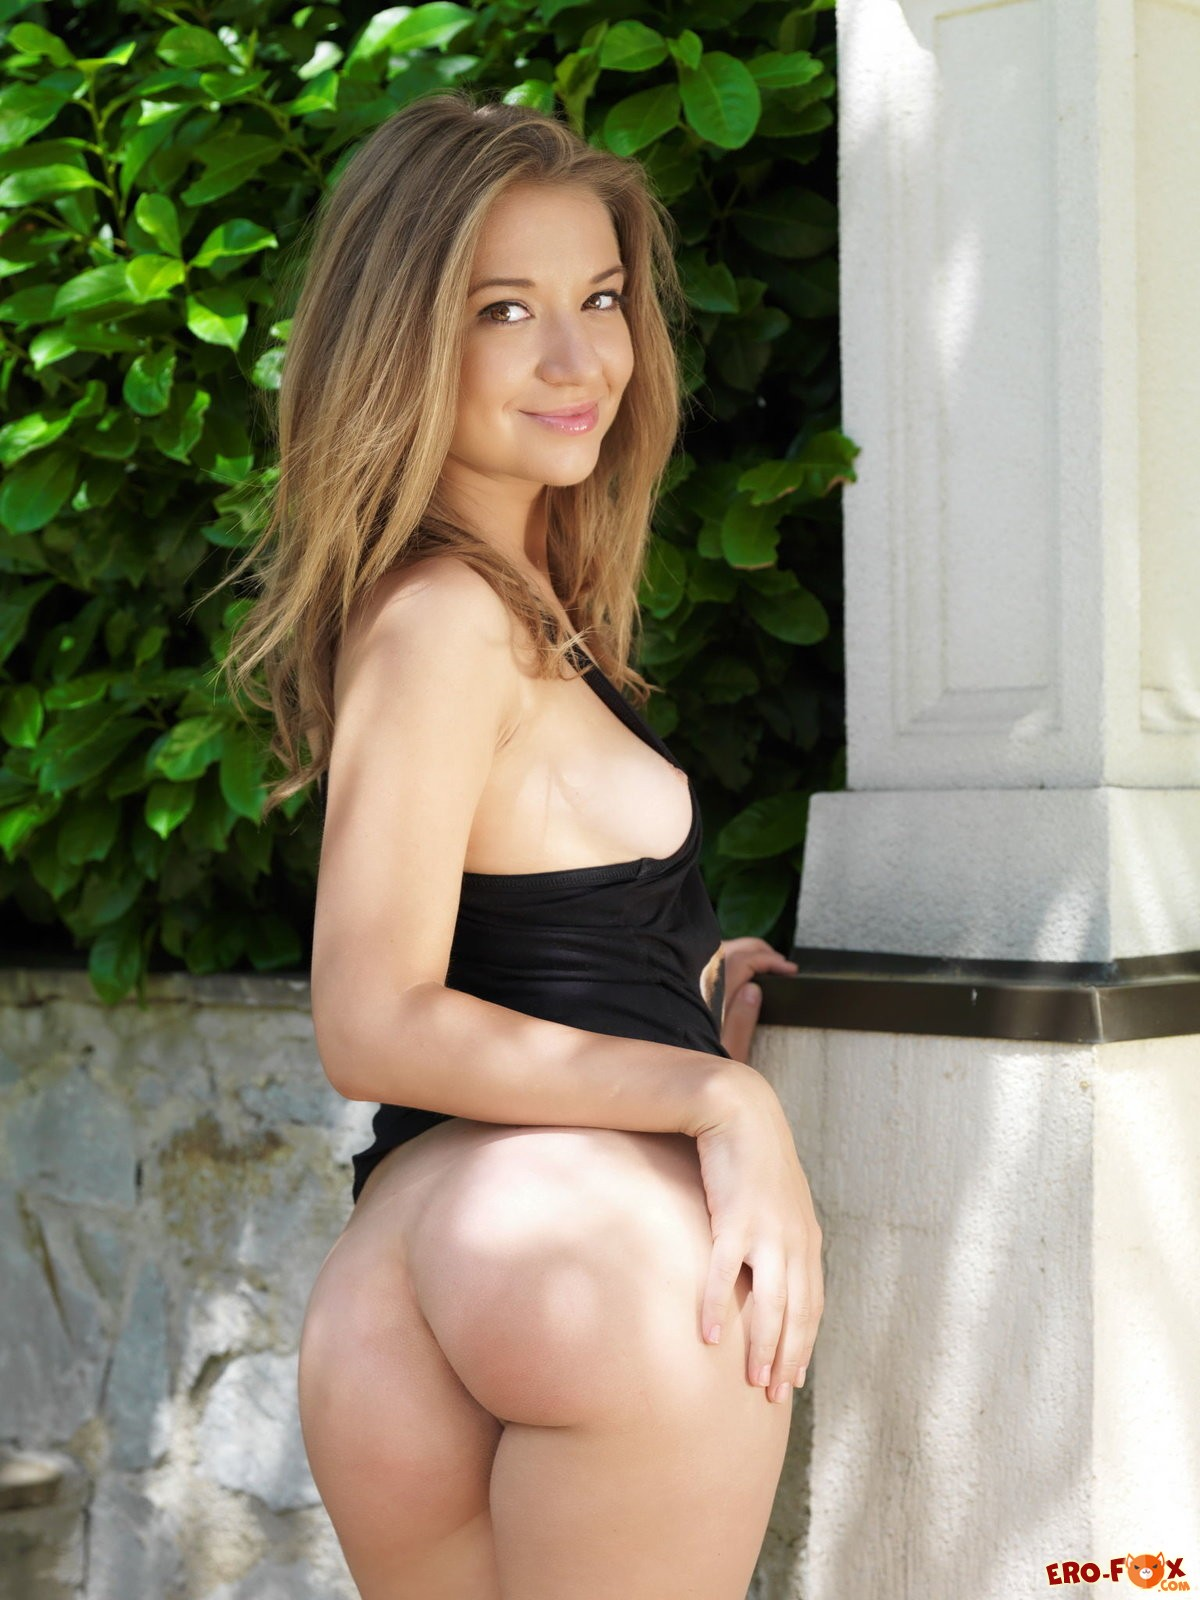 Шикарная грудь упругая попка сексуальное тело